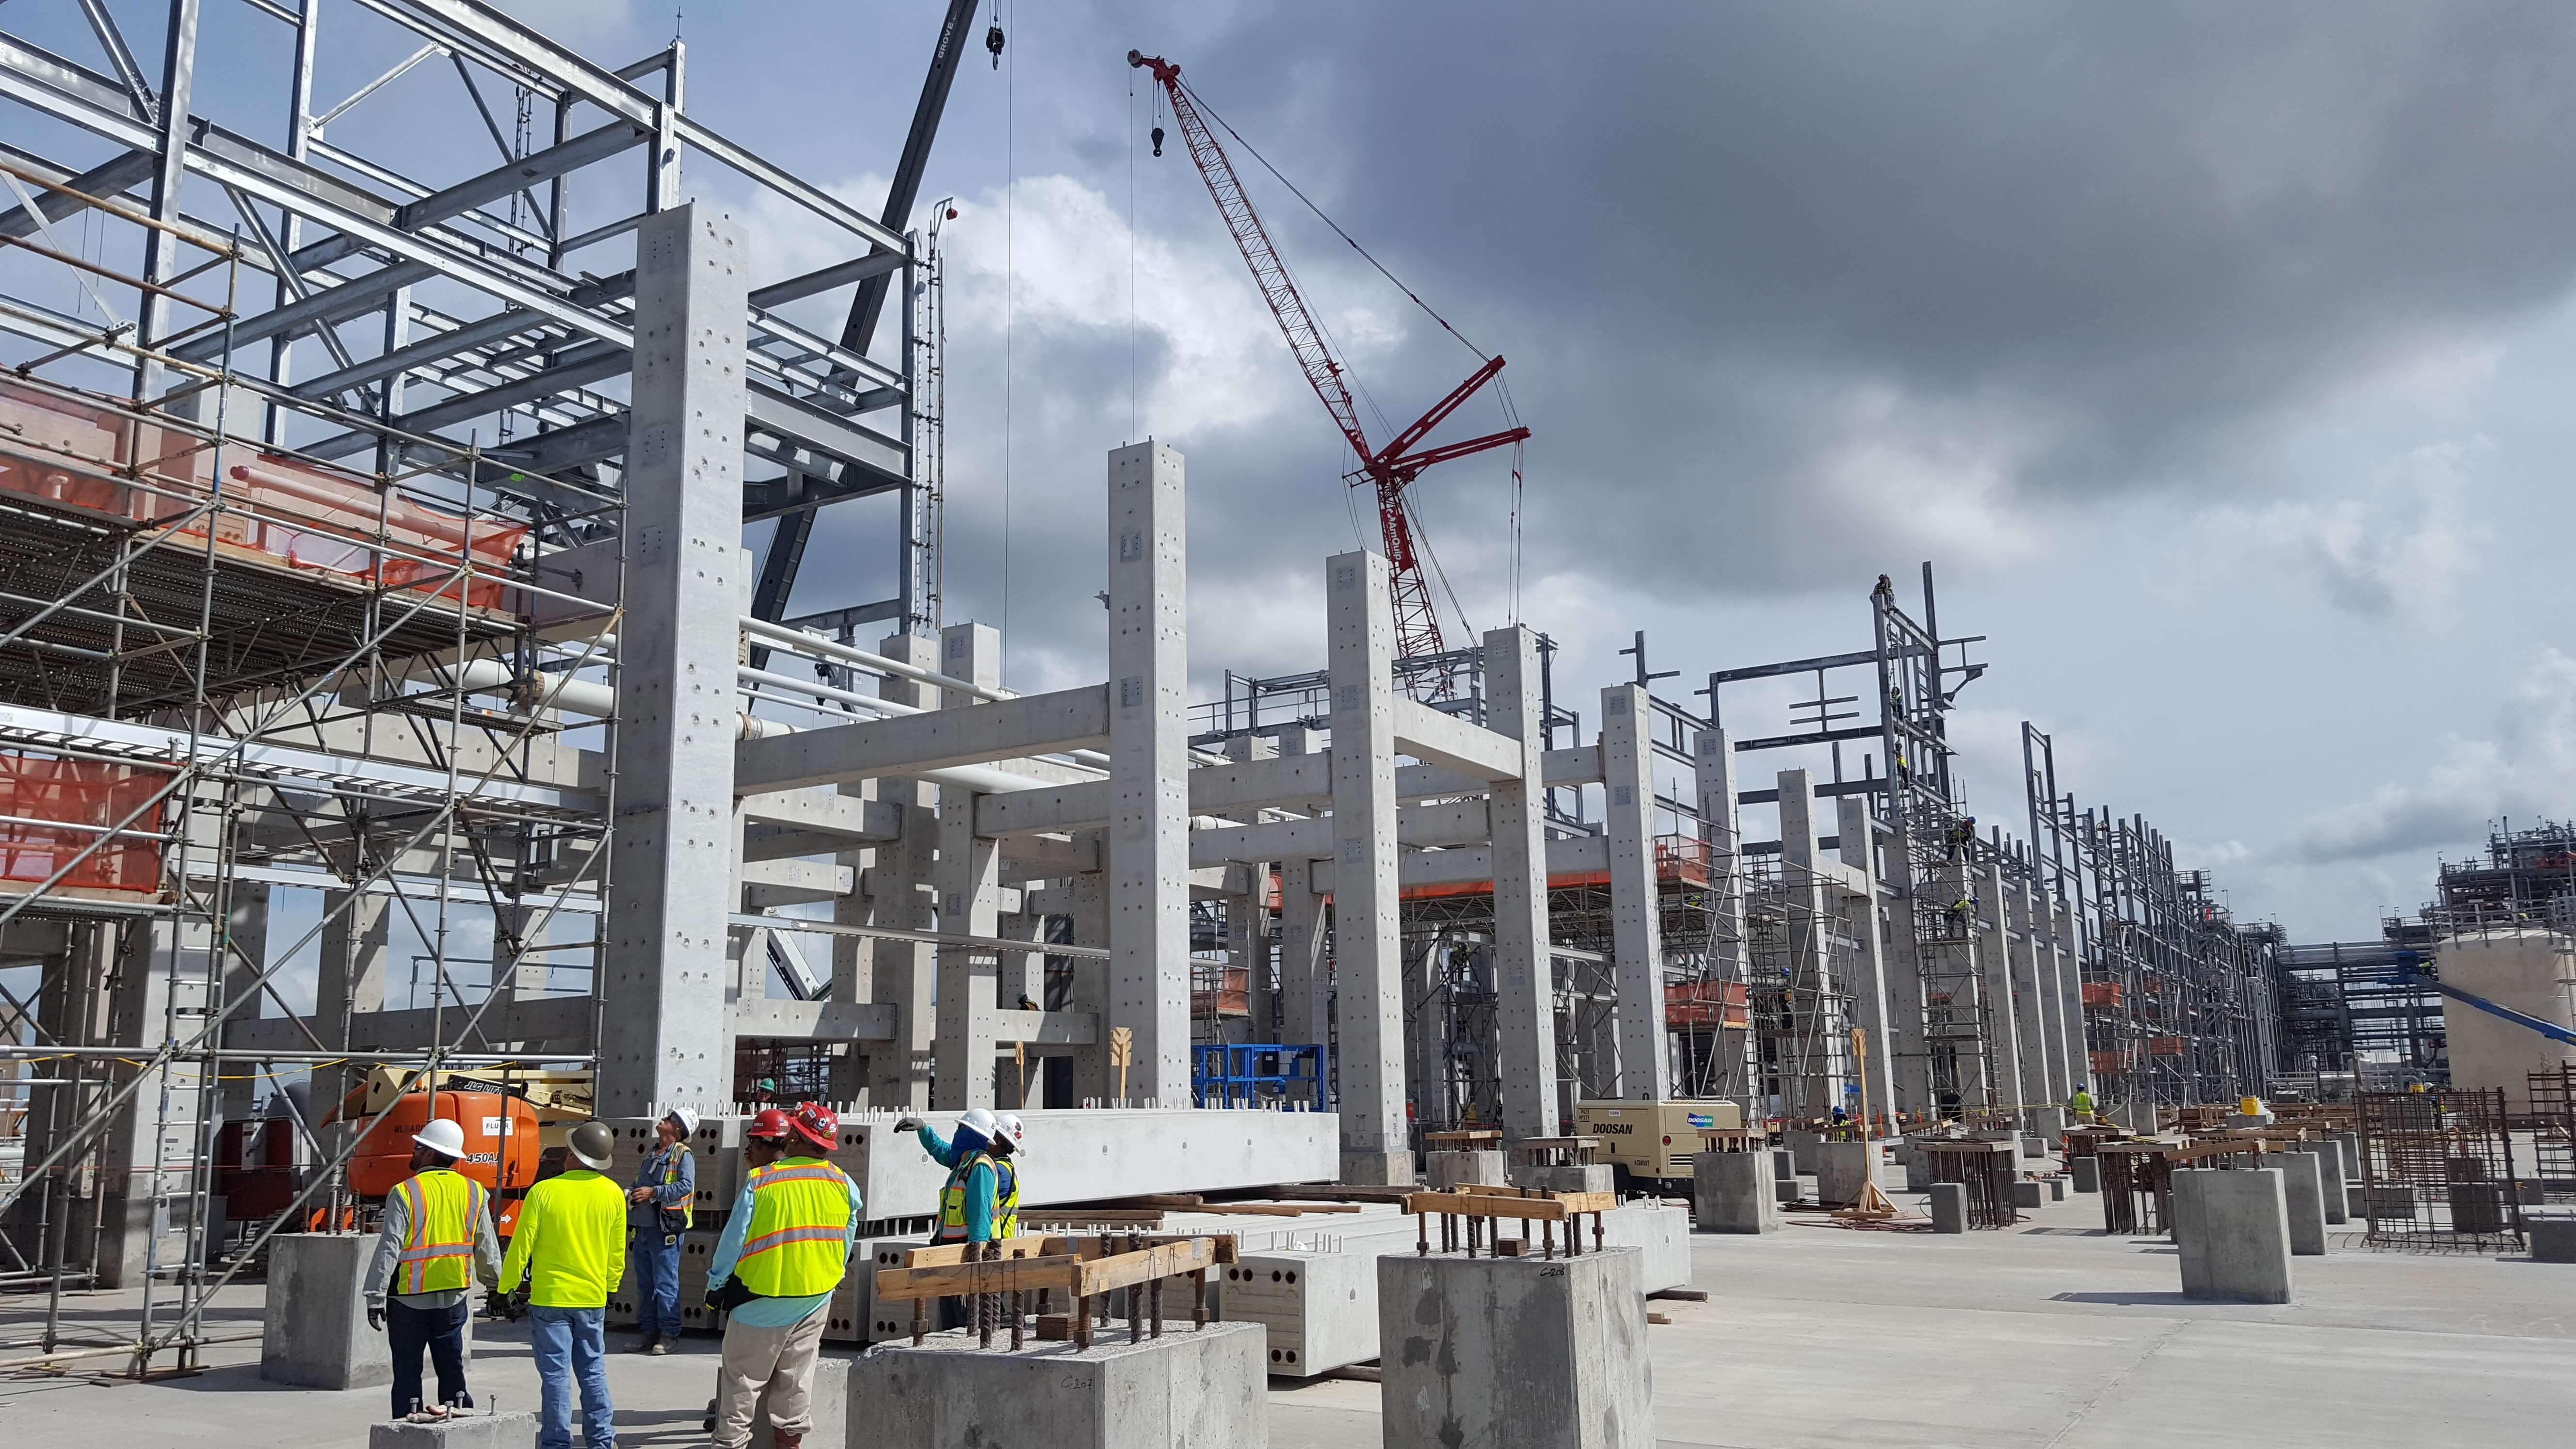 concrete-pillars-construction